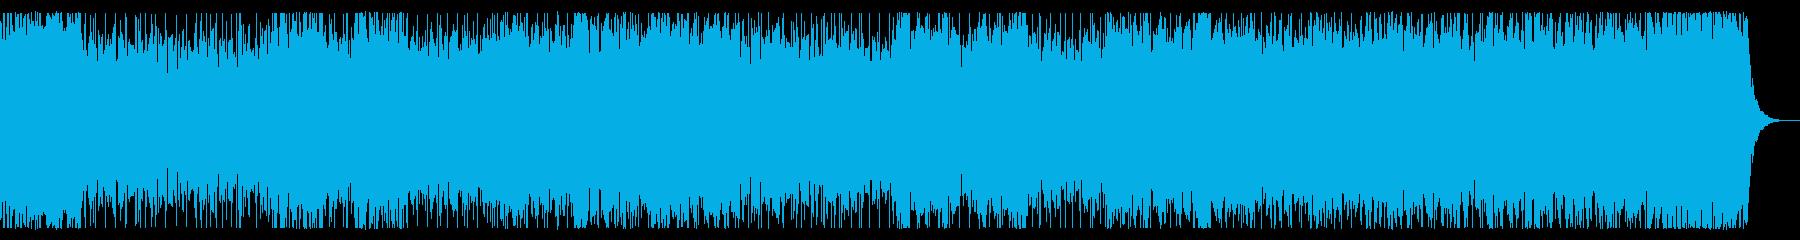 流麗なメロディ 爽快感のあるシンセBGMの再生済みの波形